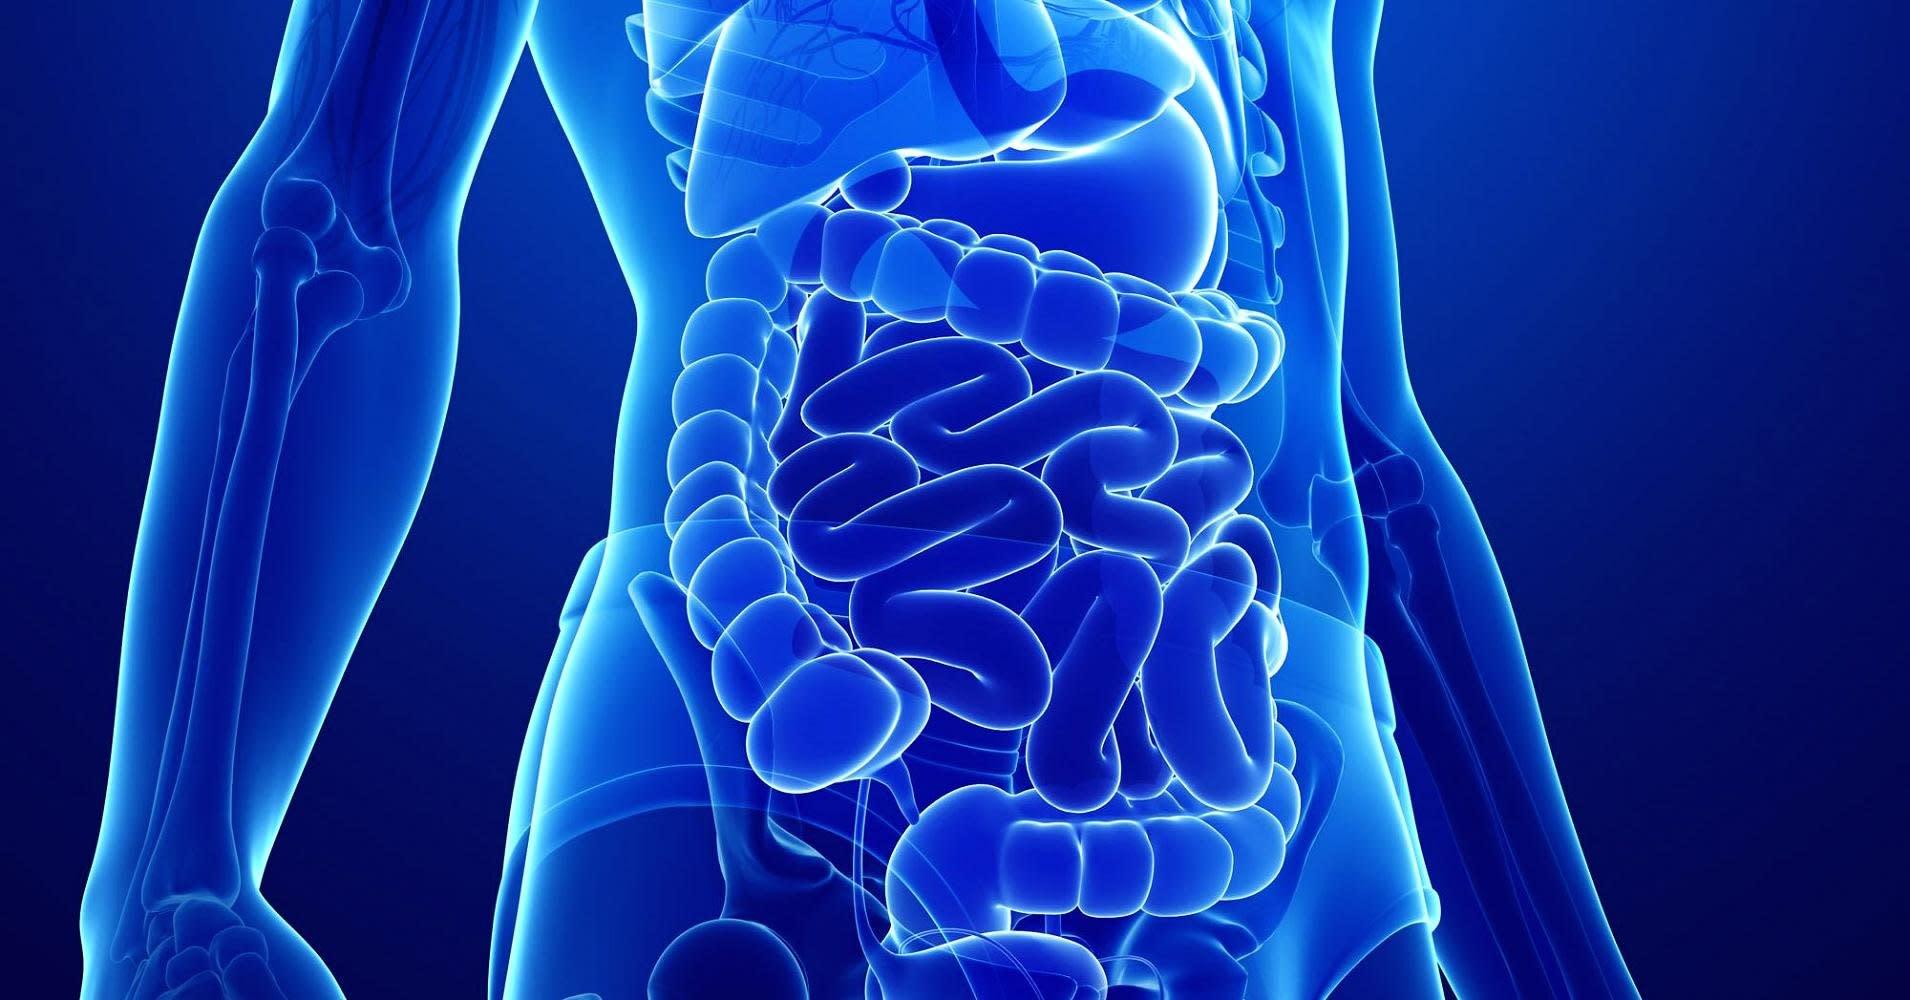 Scientists identify a new human organ